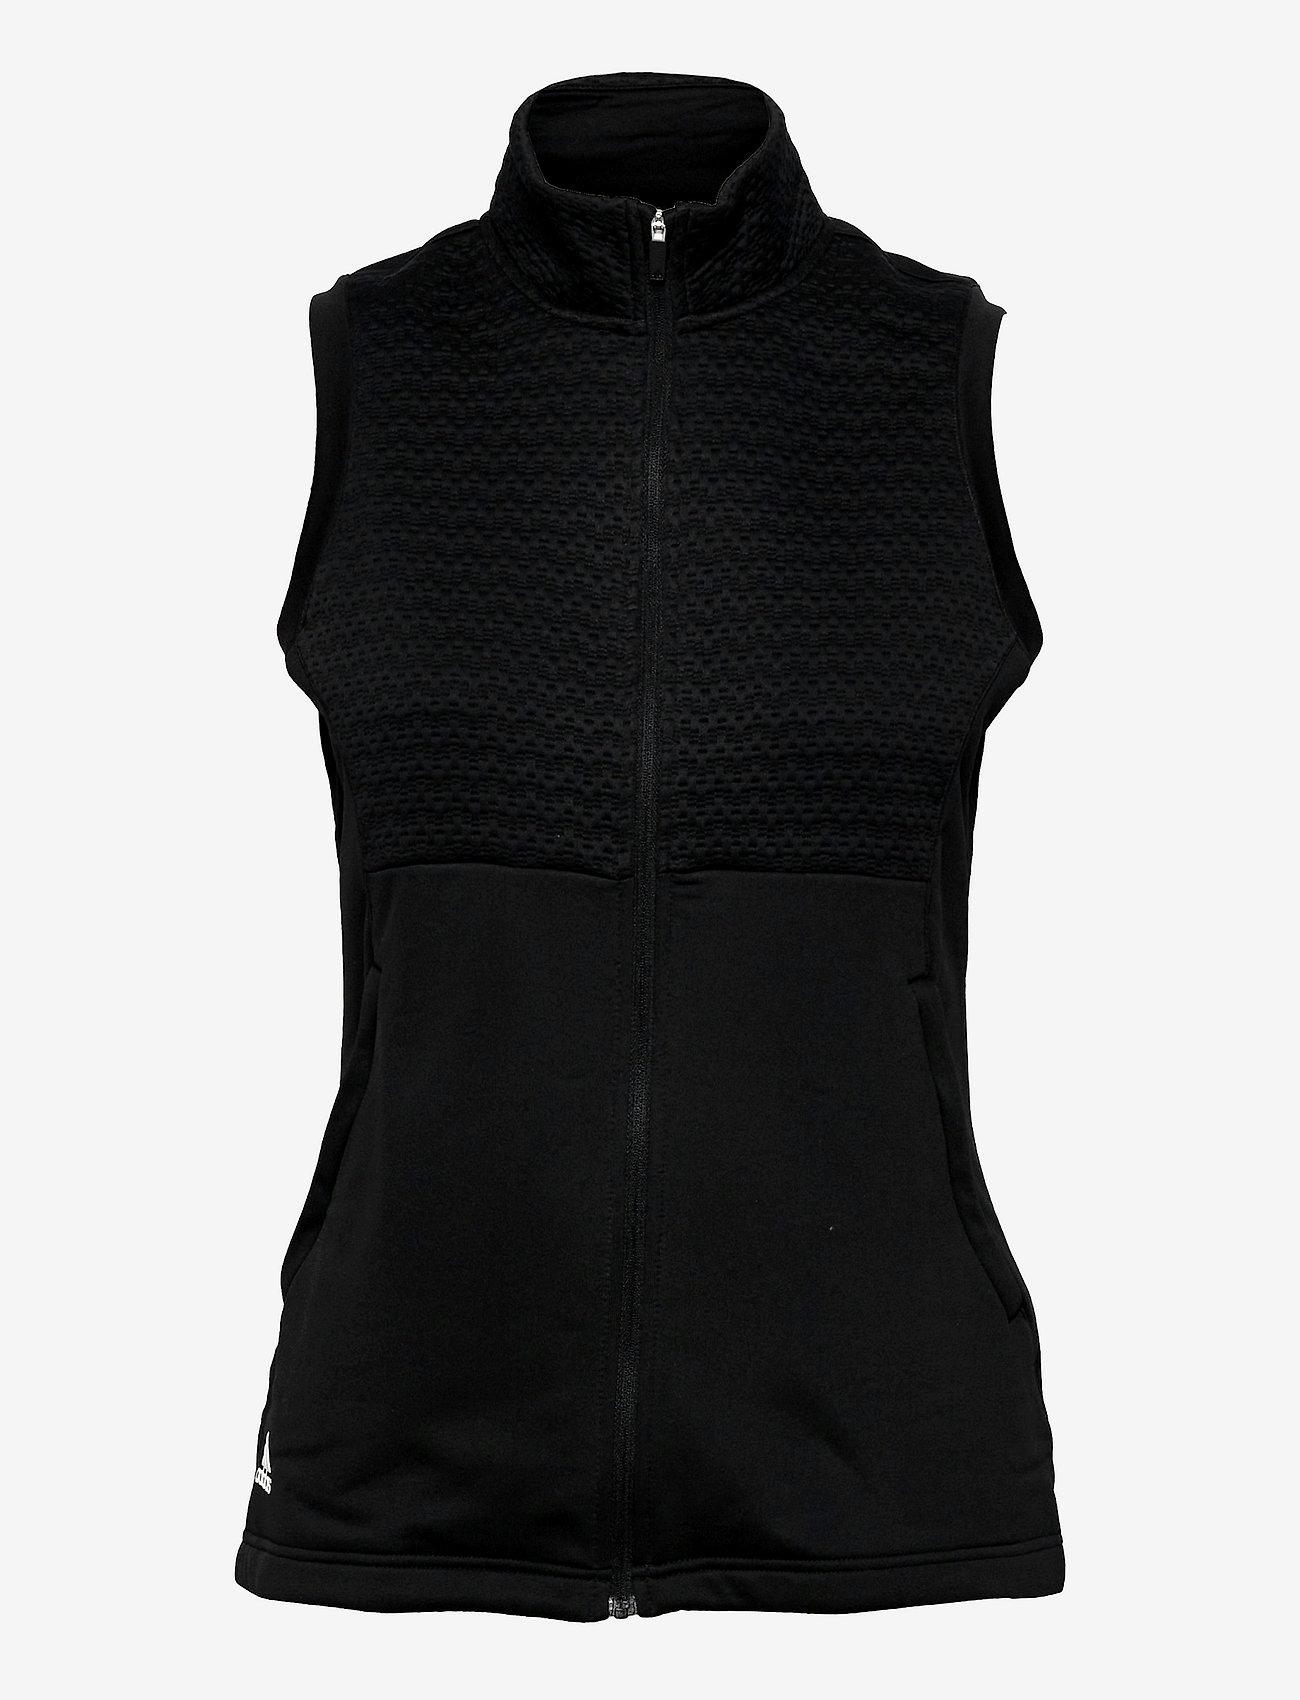 adidas Golf - COLD.RDY VEST - vestes rembourrées - black - 1